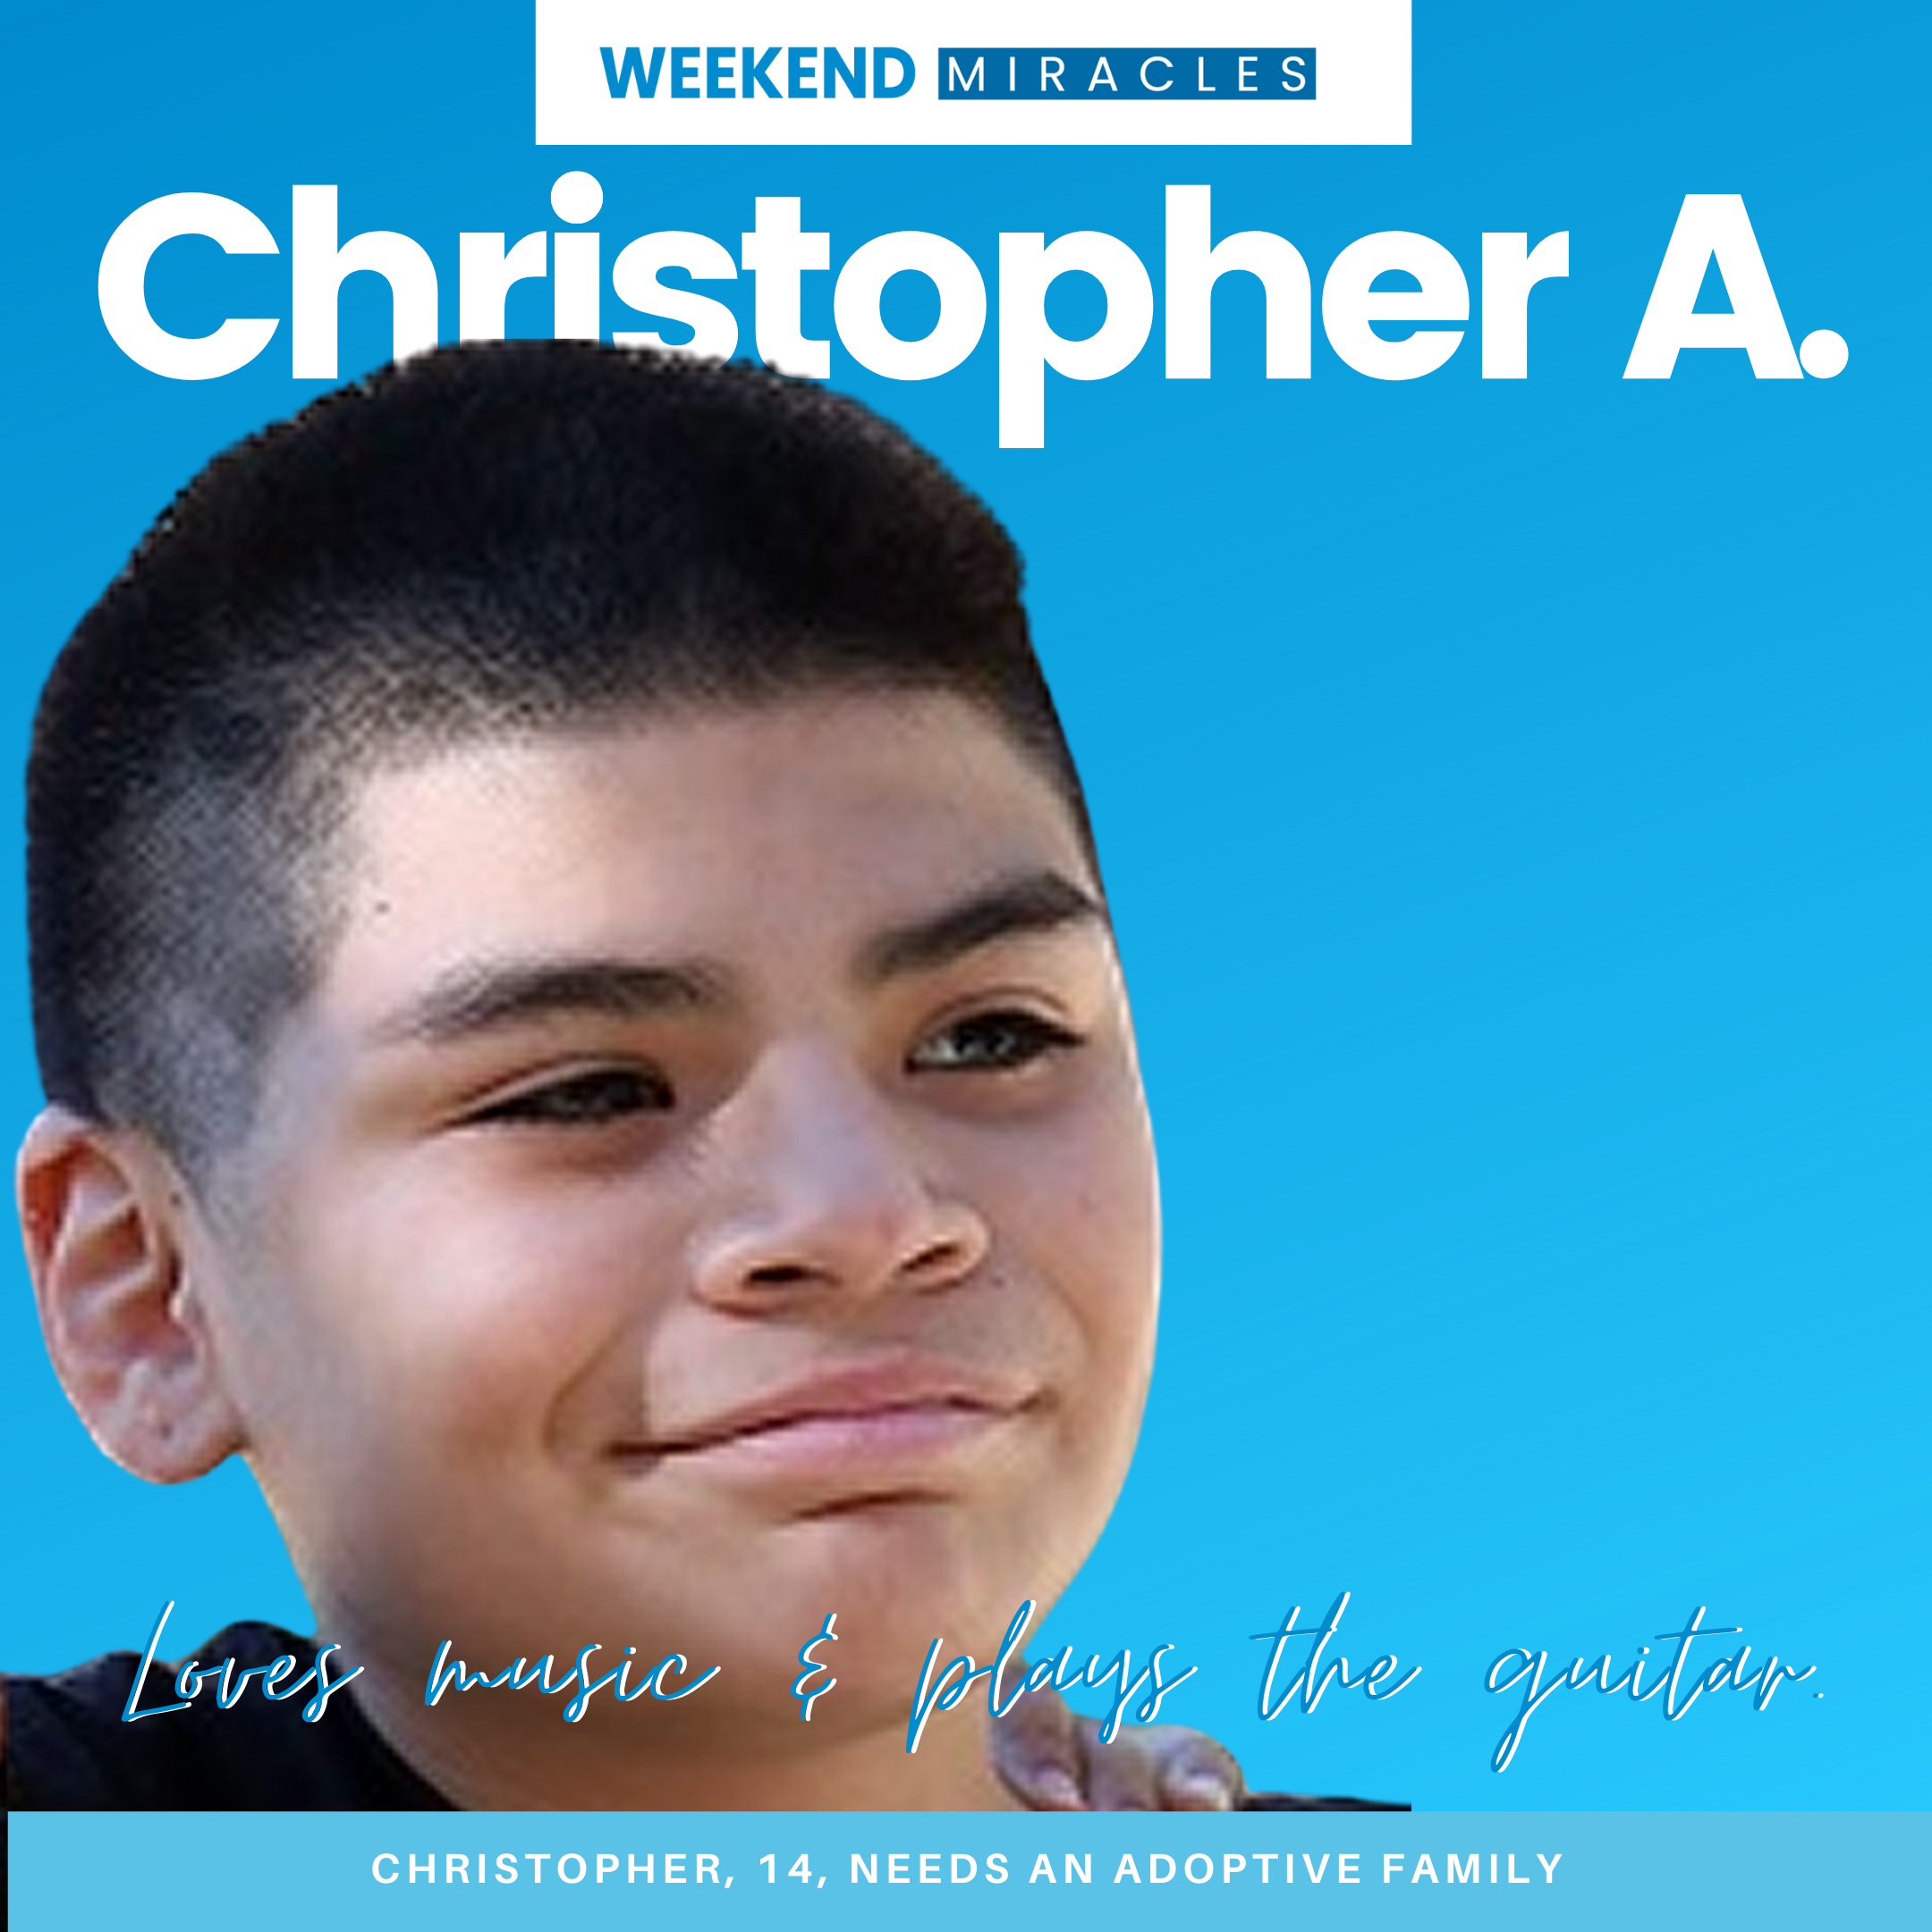 Meet Chris